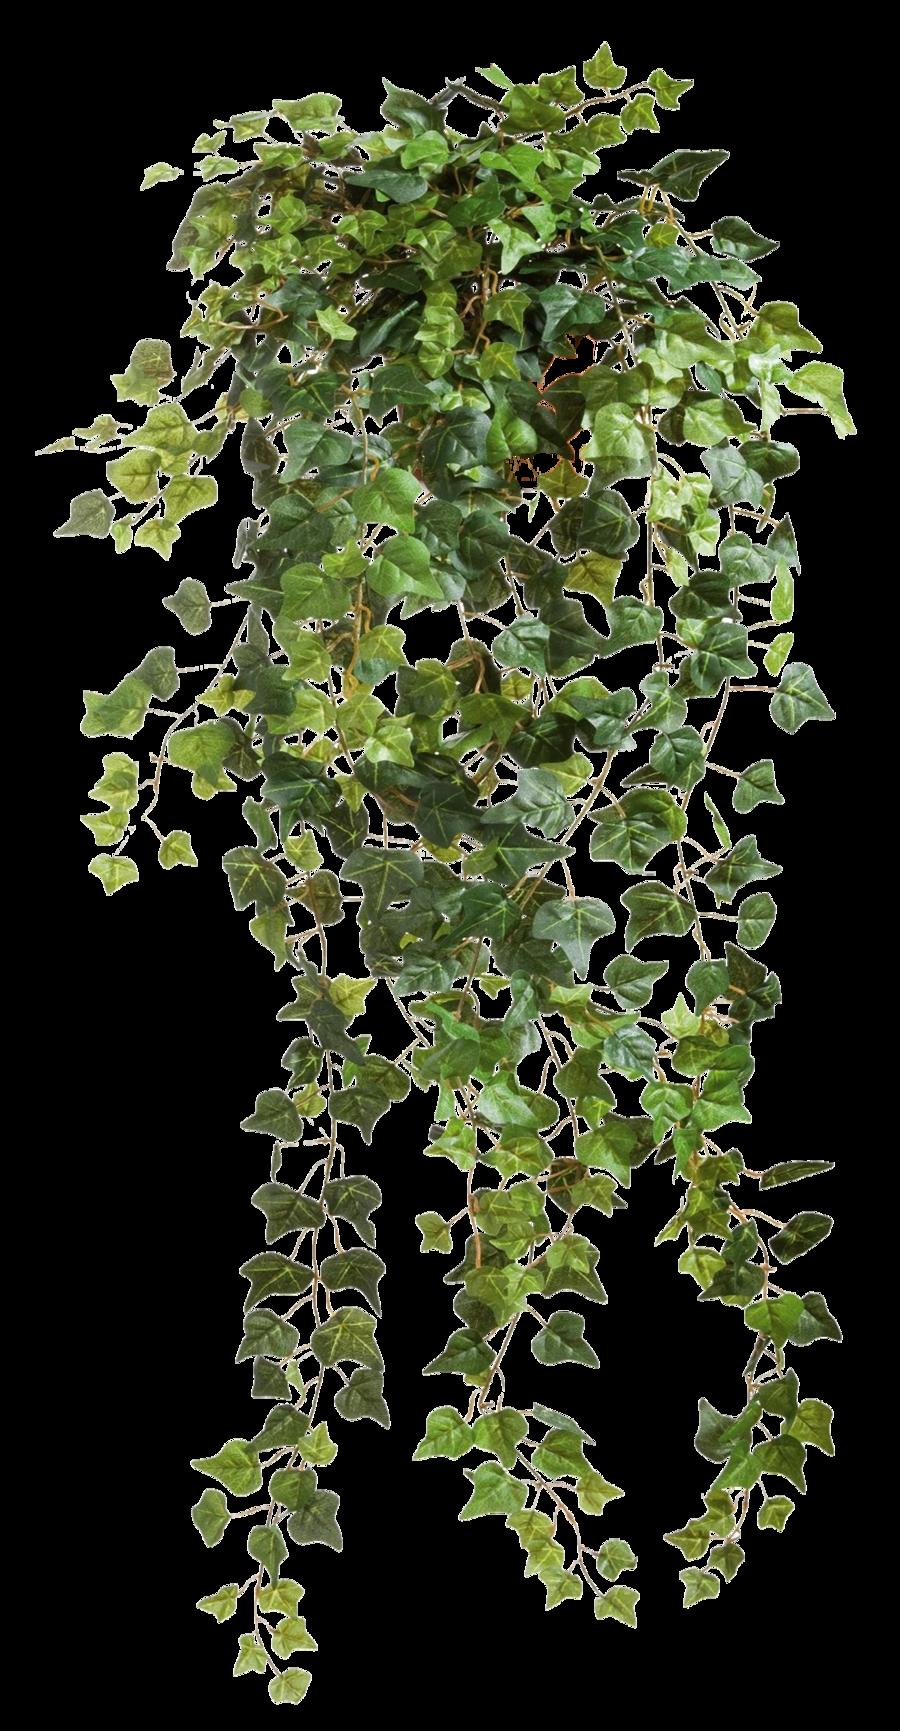 Tree clipart vine. Vines transparent png pictures